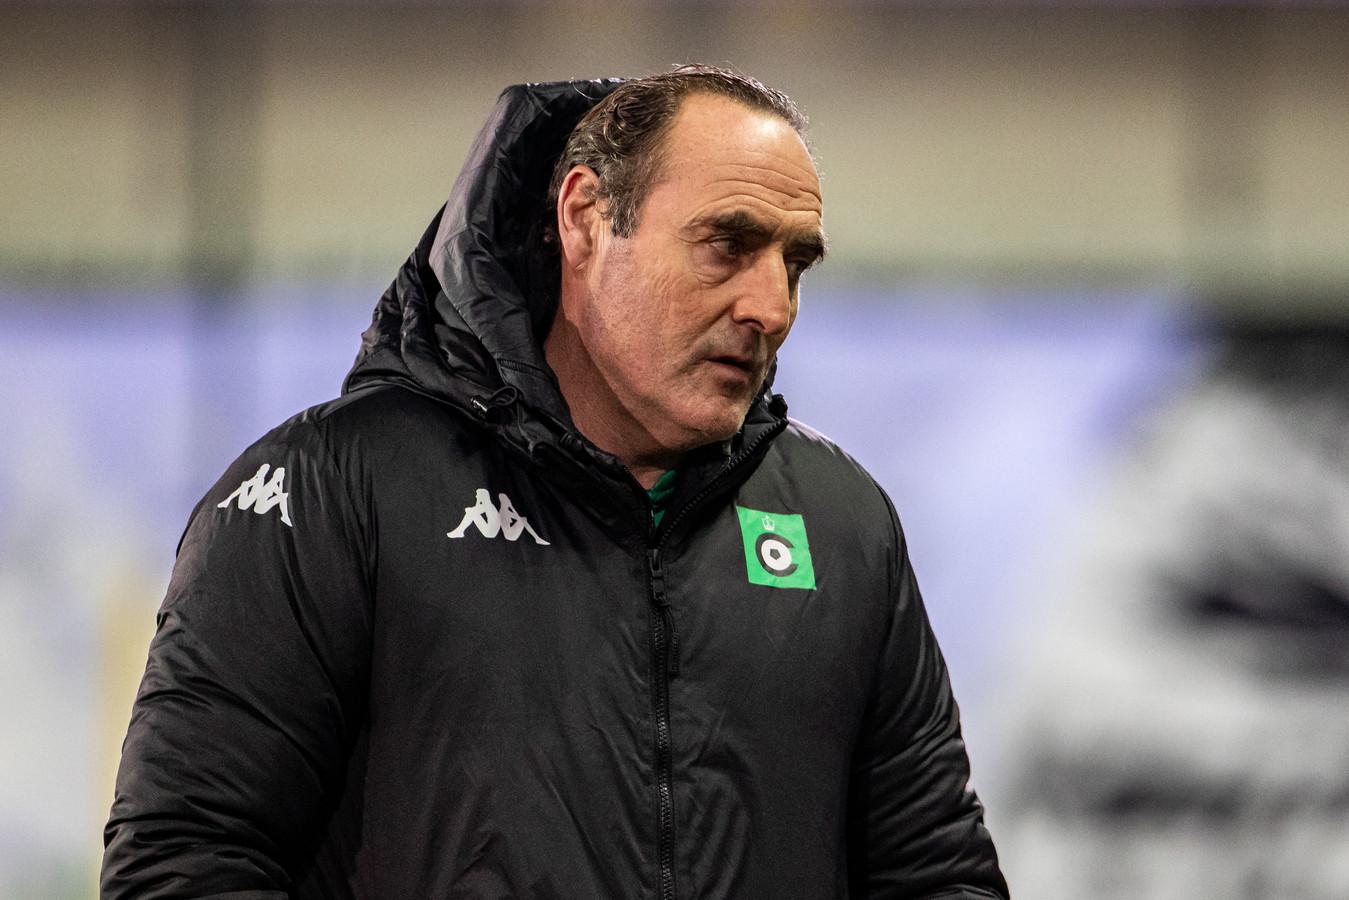 """""""We moeten vermijden dat Anderlecht in balbezit is en ons voortdurend achter de bal aan laat hollen"""", kijkt trainer Yves Vanderhaeghe vooruit. """"Dus zal er voor elke morzel grond moeten gebikkeld worden."""""""